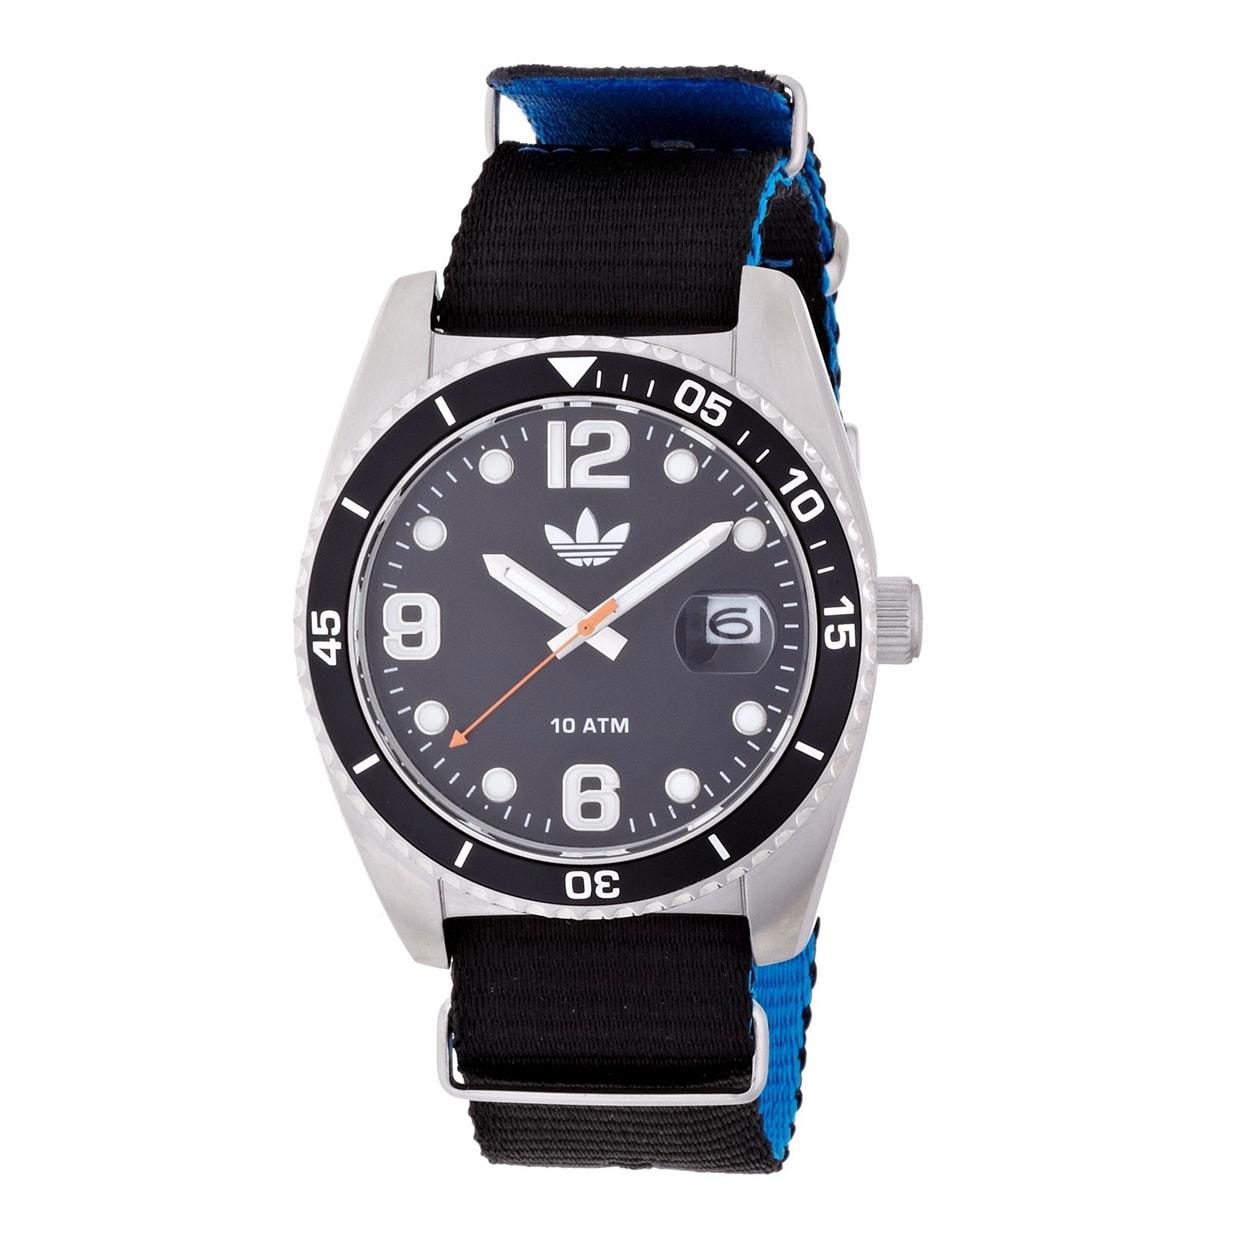 Adidas Men's ADH2866 Brisbane Watch, Black, Size One Size...